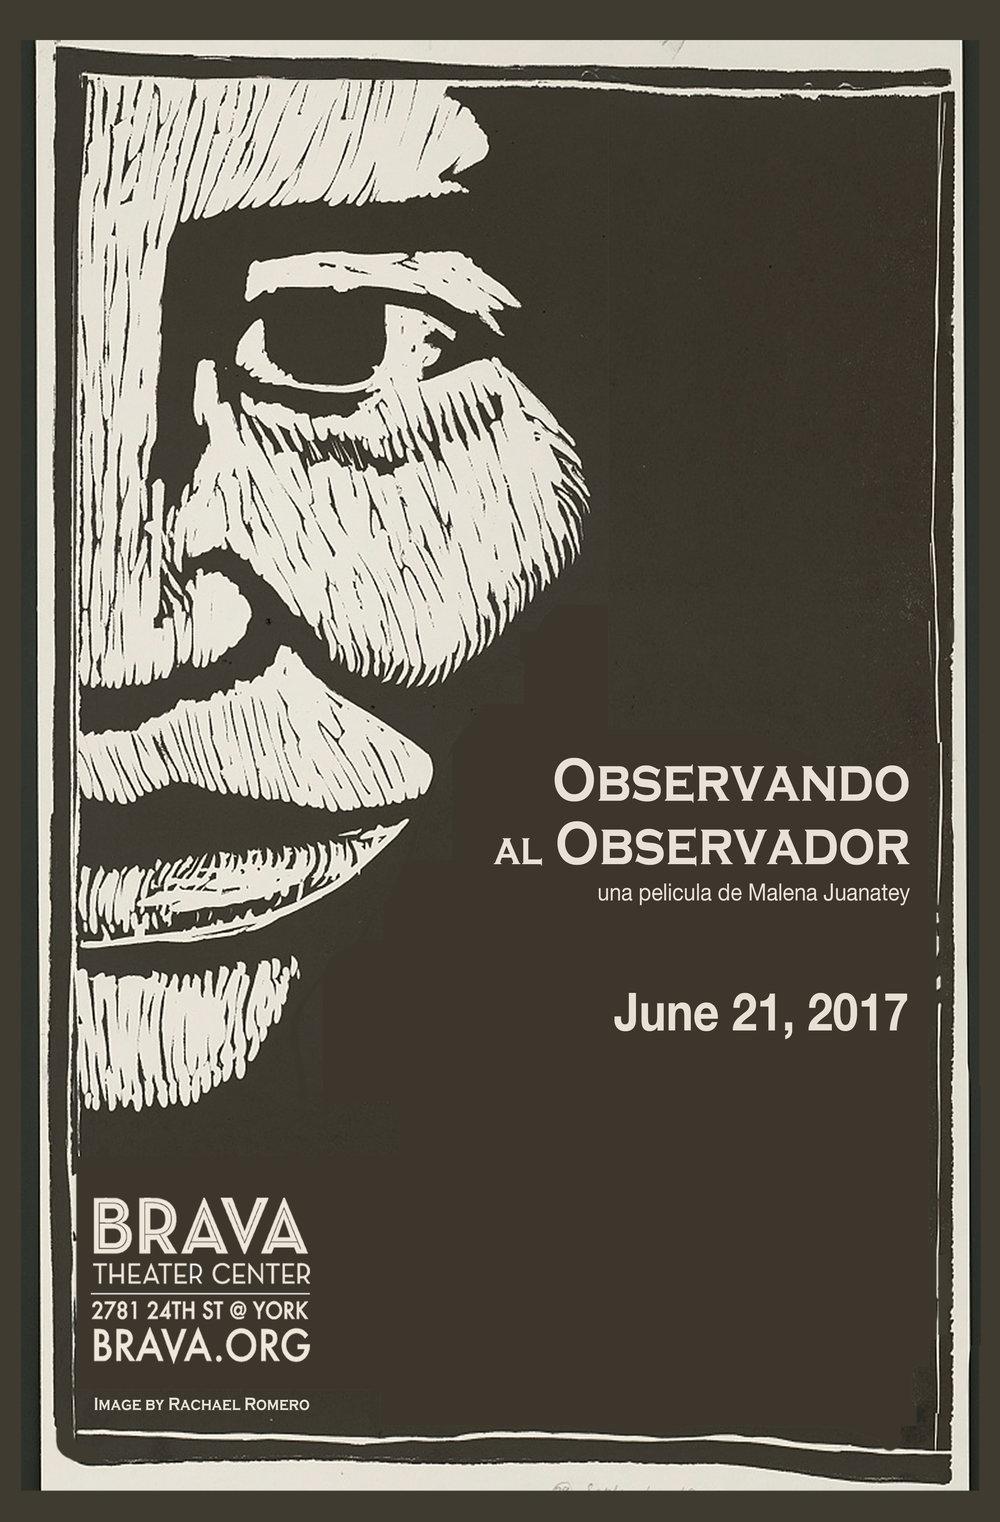 Observando al Observador, a documentary film by Malena Juanatey - US Premiere